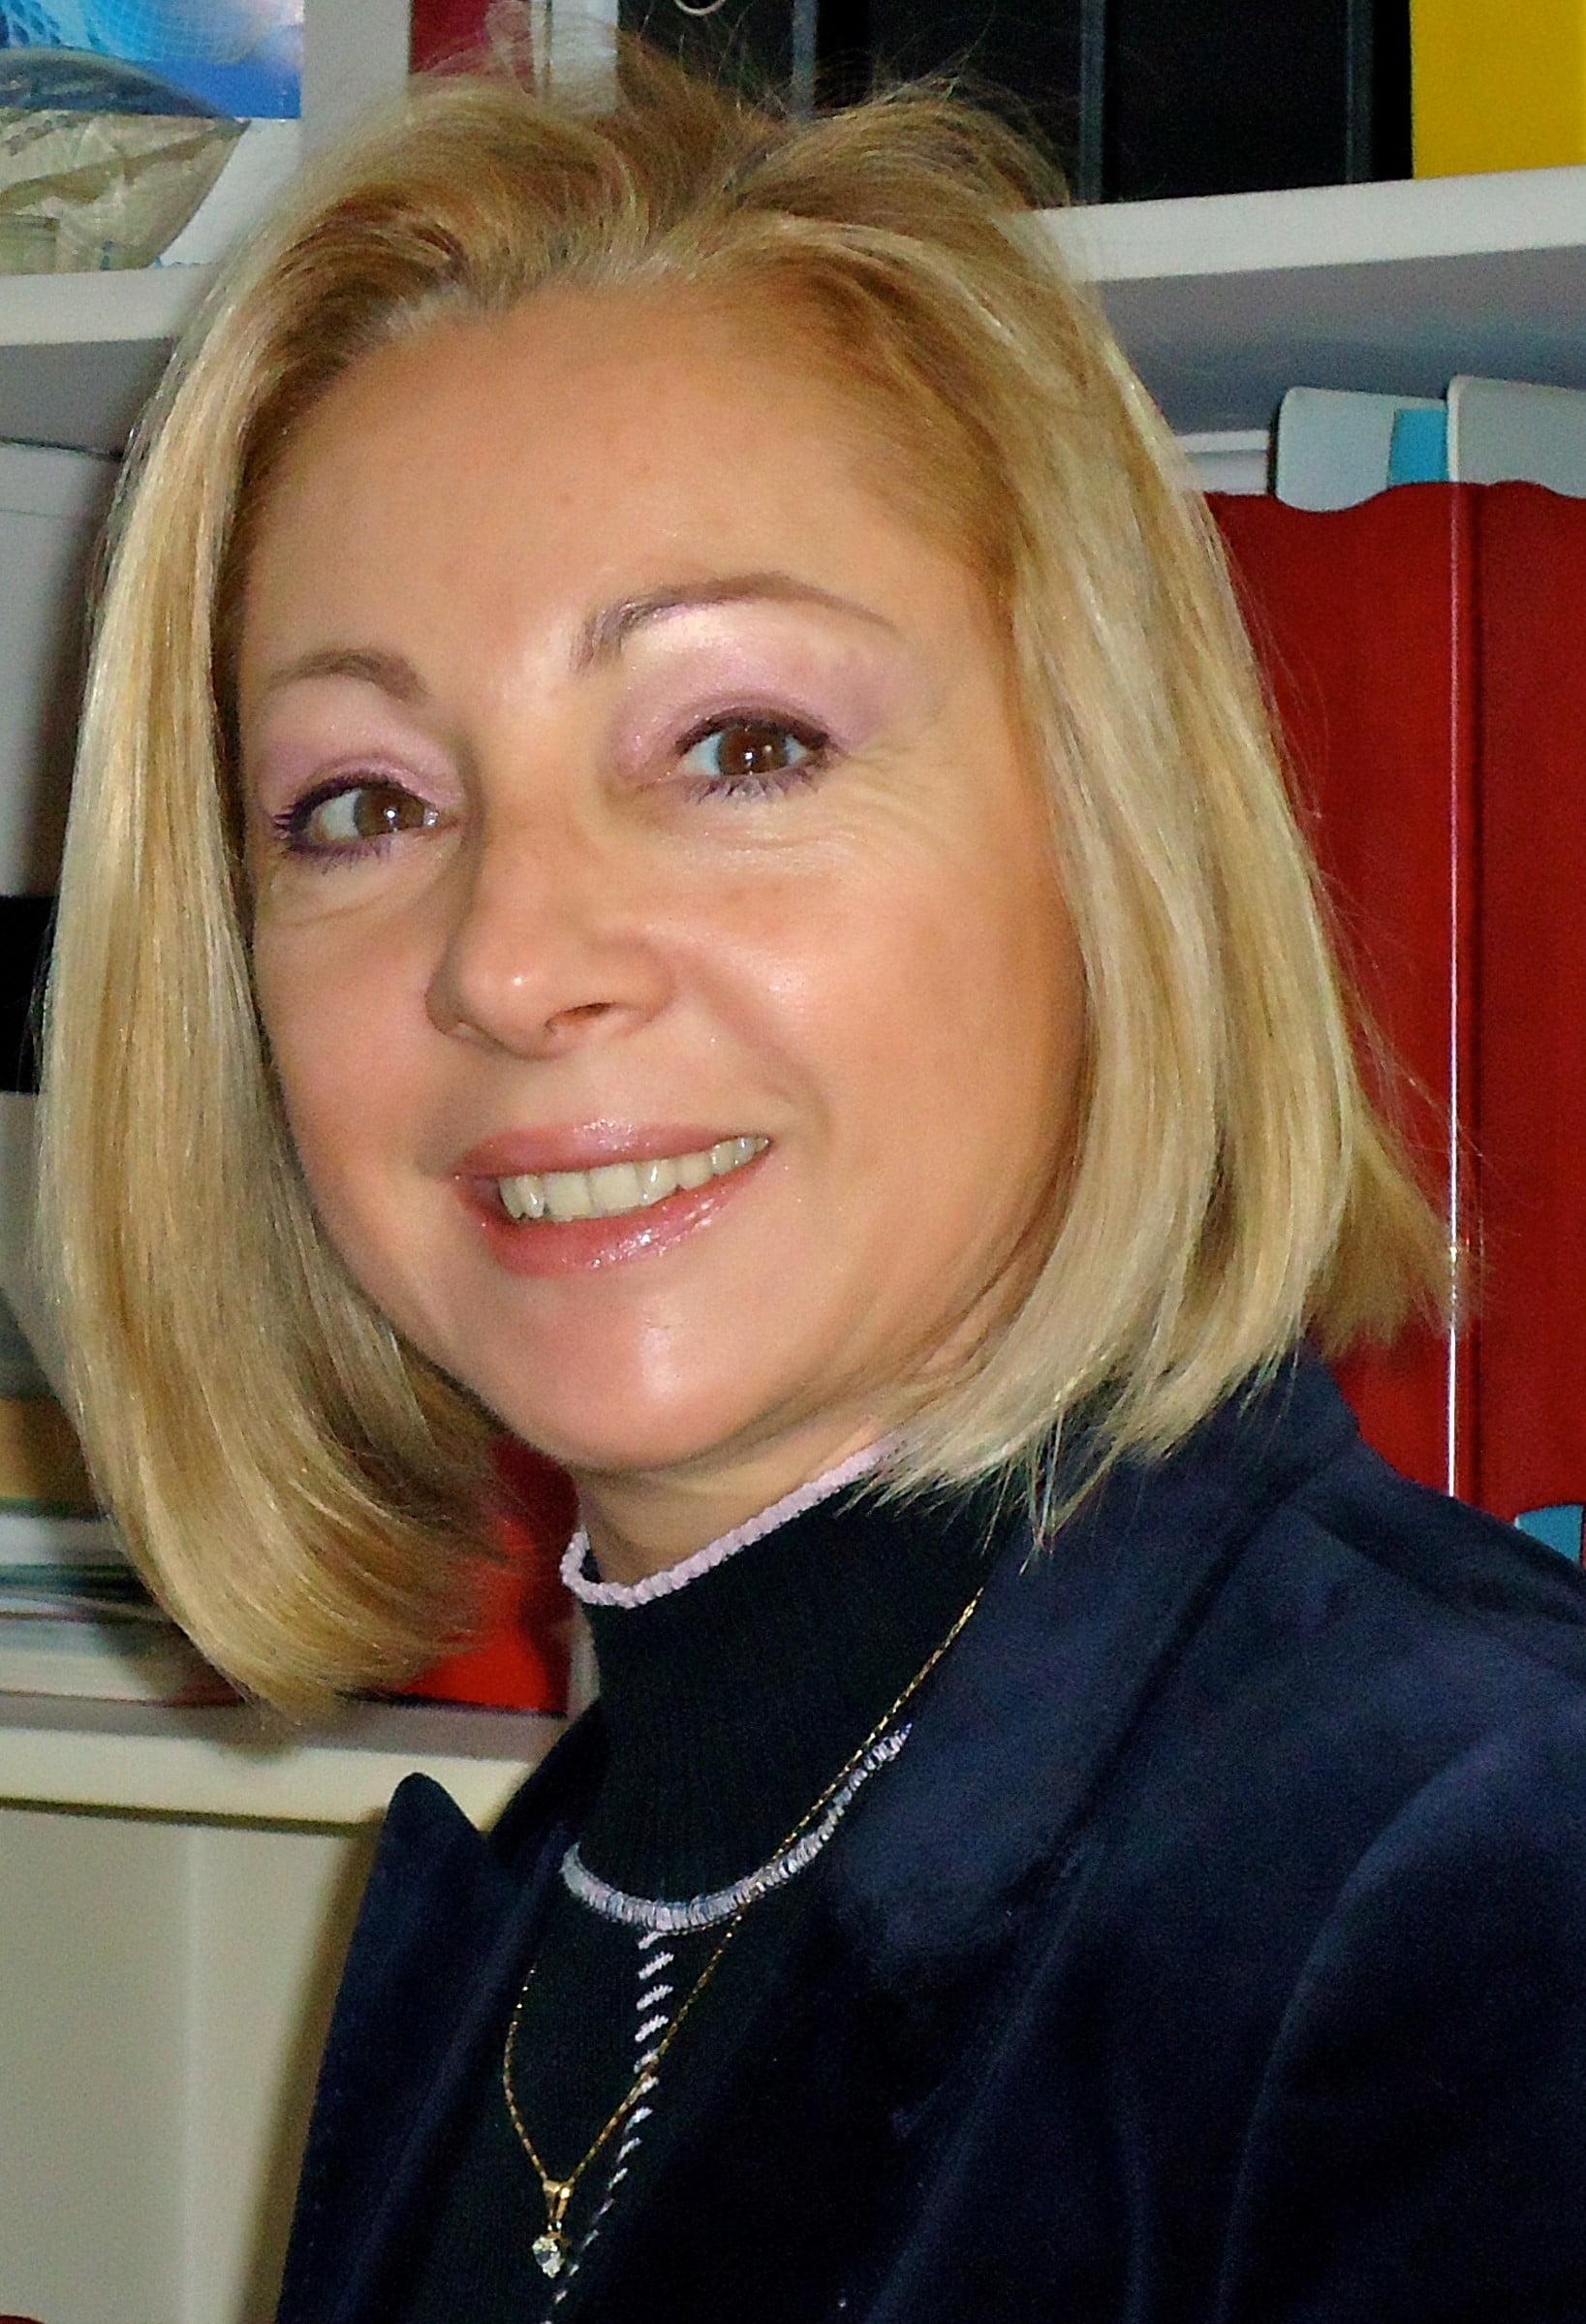 Sra. Lyldie Deguilhem